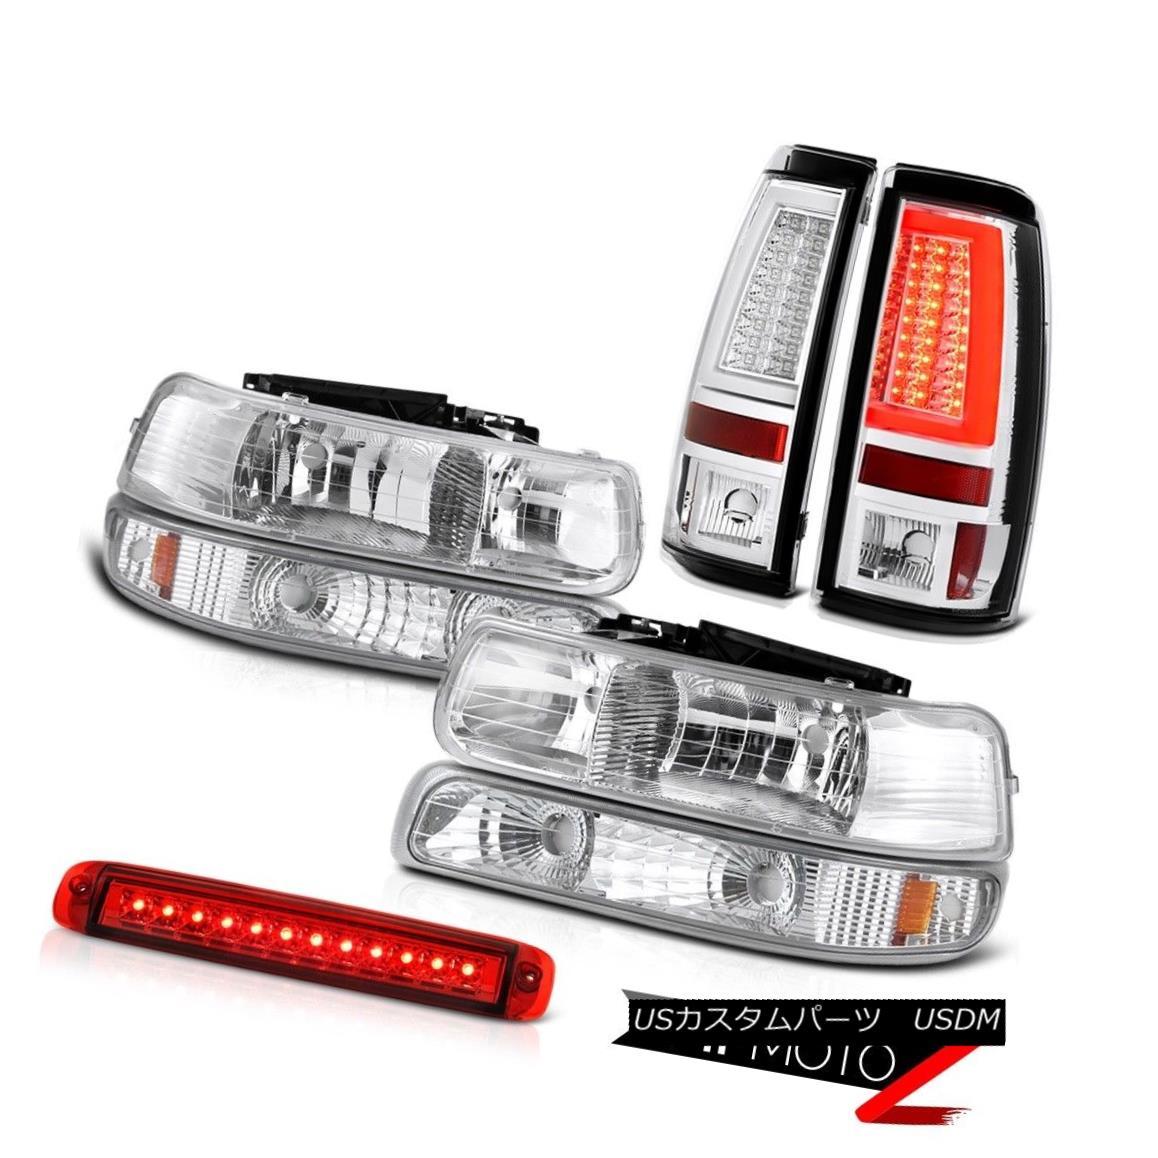 テールライト 1999-2002 Silverado 5.3L Tail Lights High Stop Lamp Headlamps Bumper Light Bar 1999-2002 Silverado 5.3Lテールライトハイストップランプヘッドランプバンパーライトバー